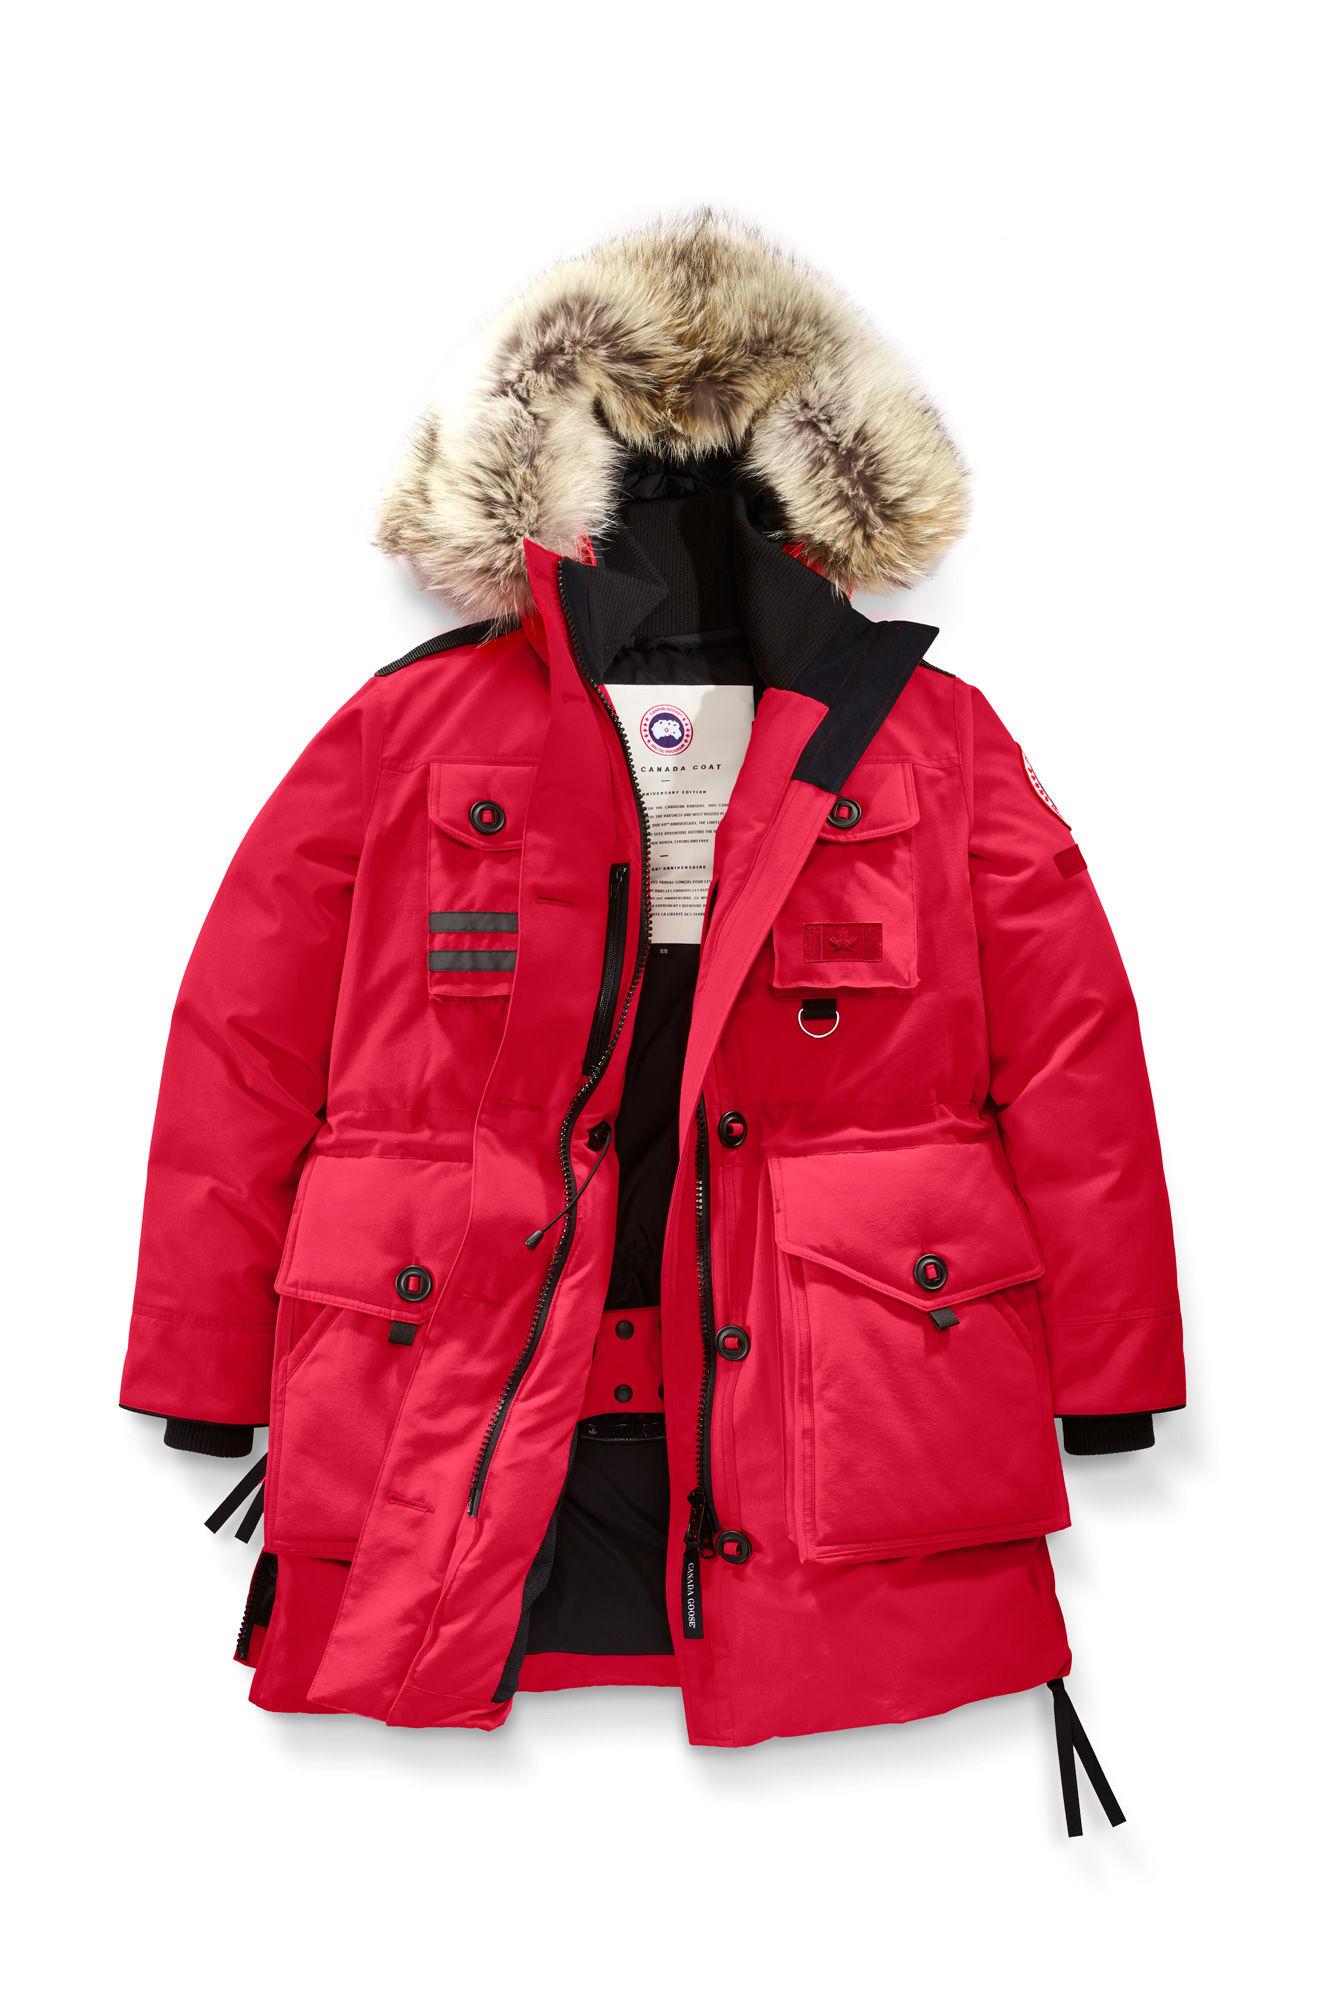 243c1f3df66 Women's Canada Coat | Canada Goose®